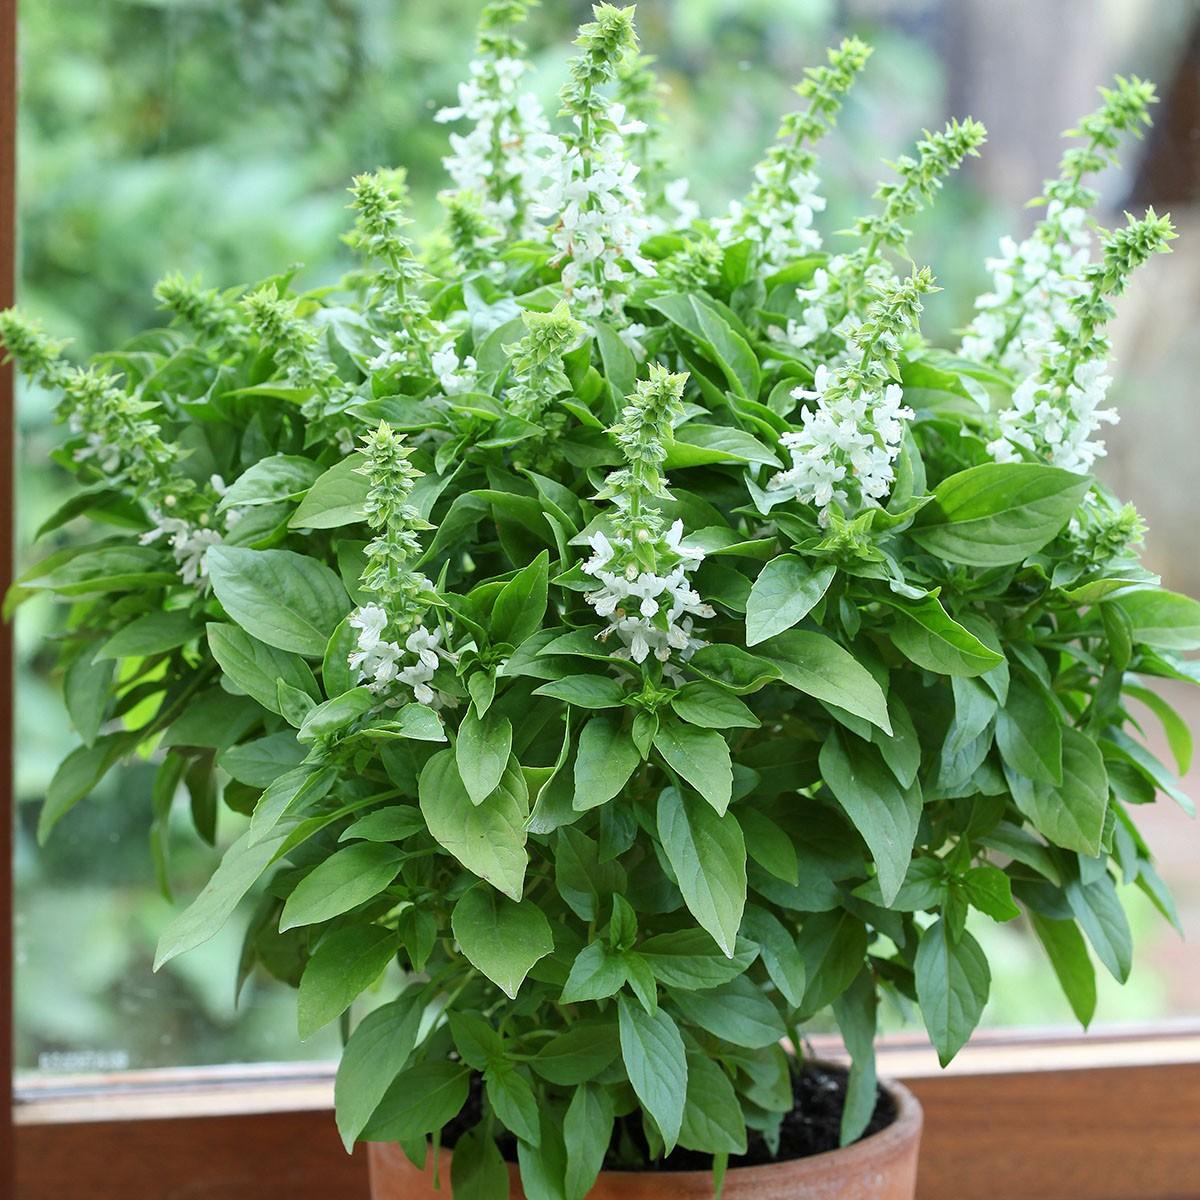 Blüten-Basilikum 'Floral Spires White' | einjährig